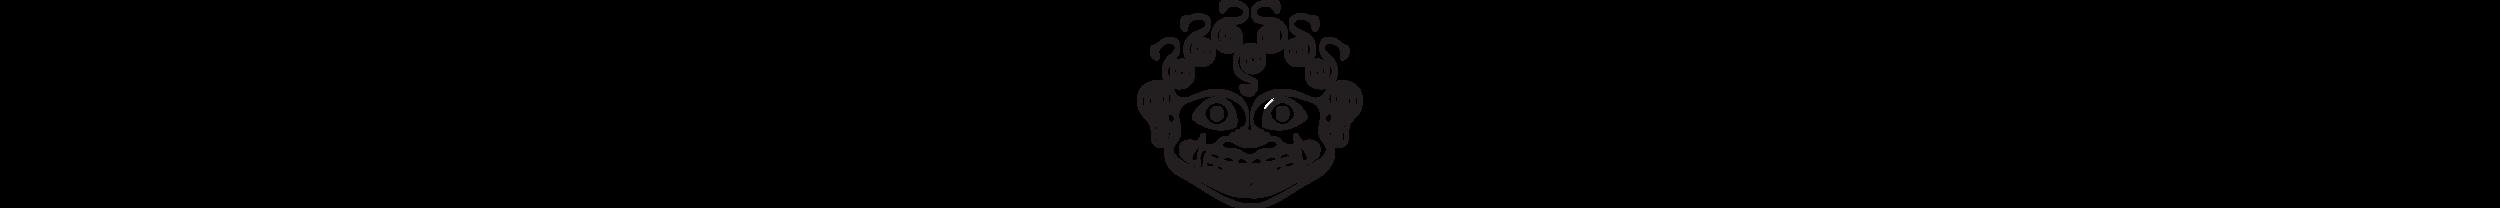 grinning Medusa 2.png